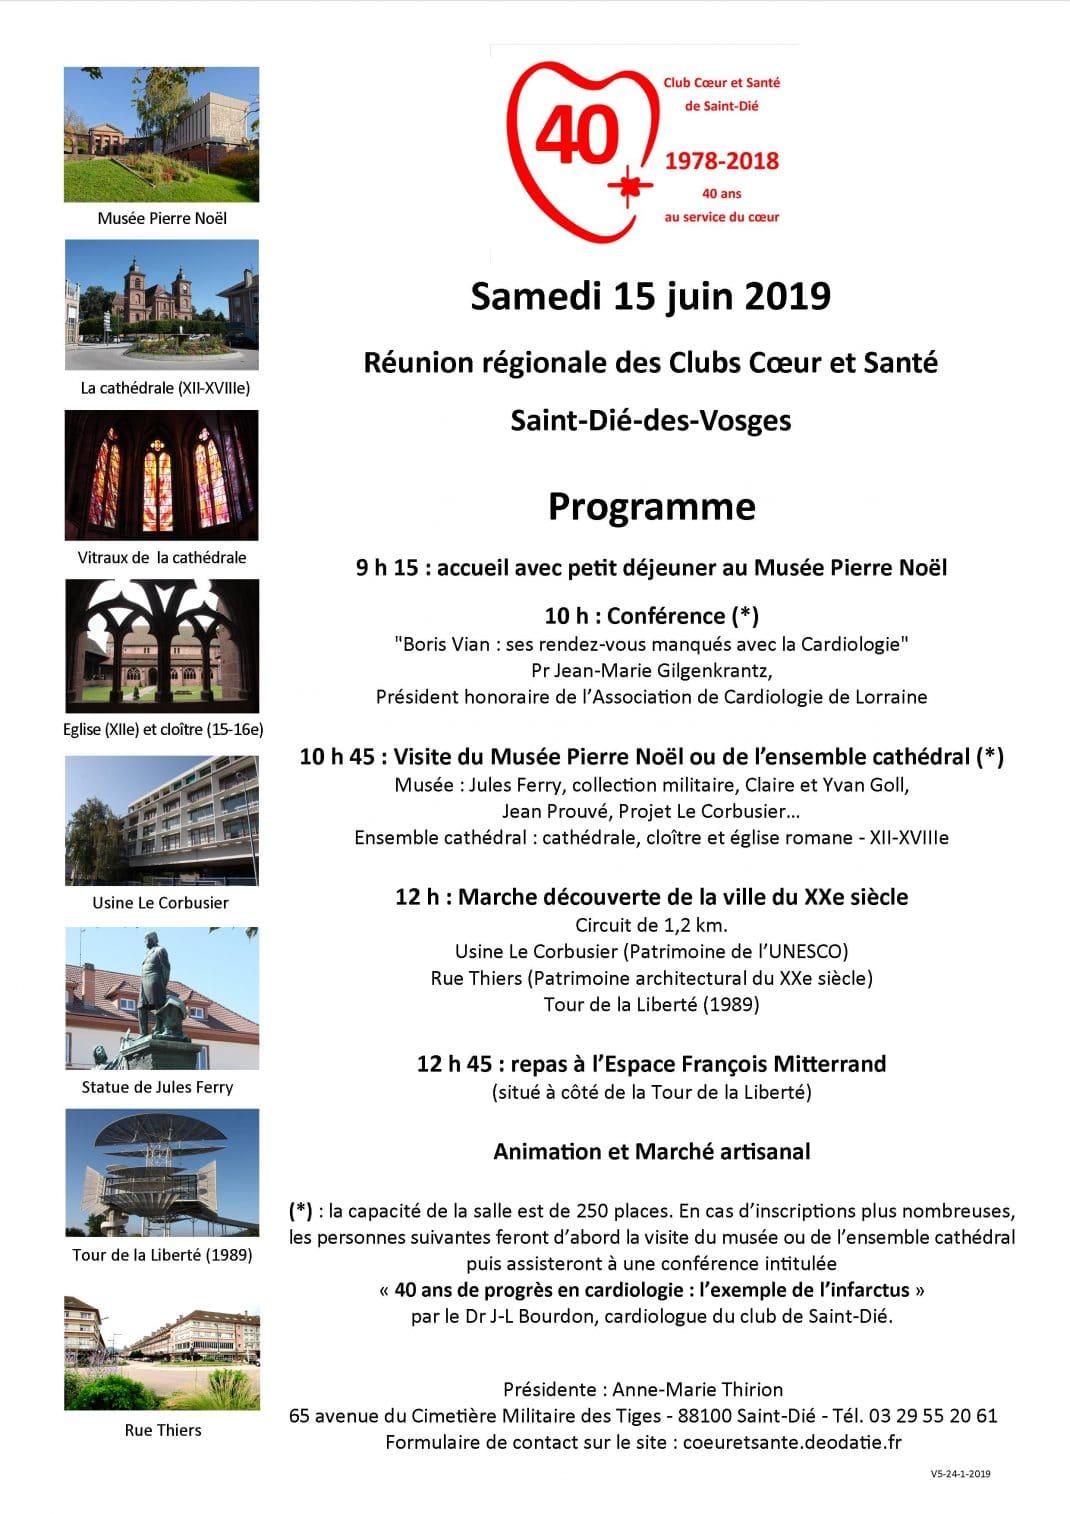 Photo du Programme de la Réunion régionale des Clubs Cœur et Santé-15-6-2019